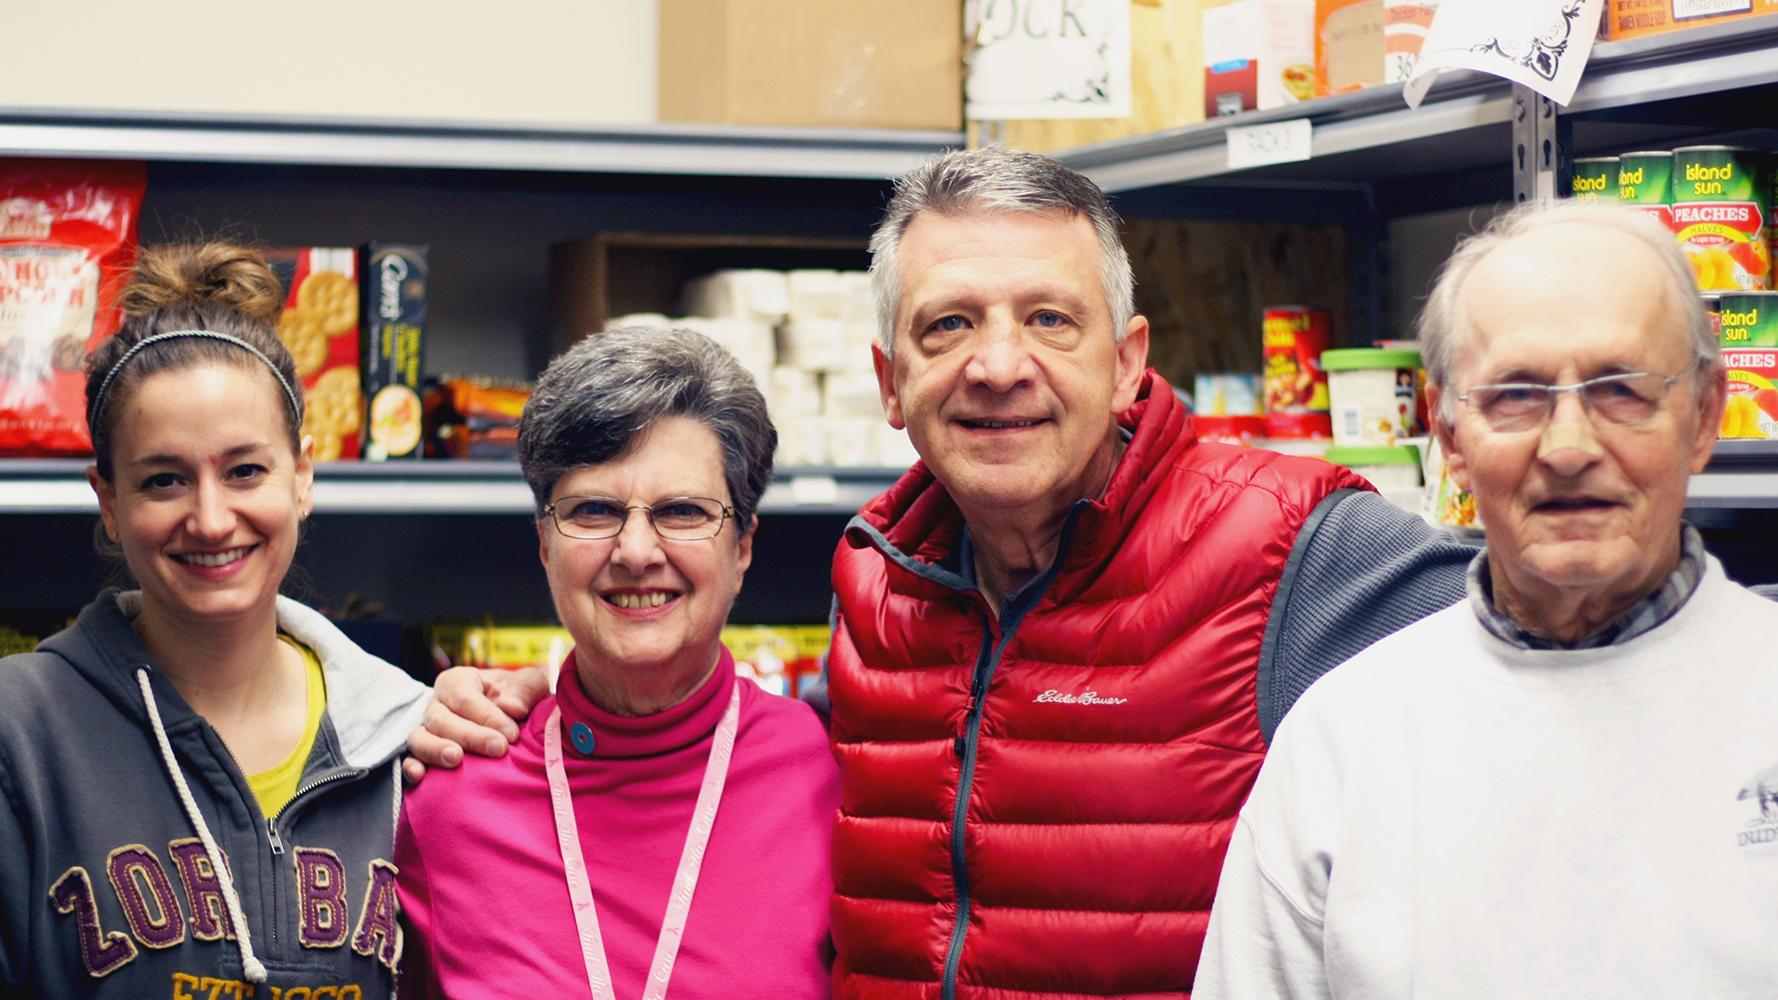 Four food shelf volunteers